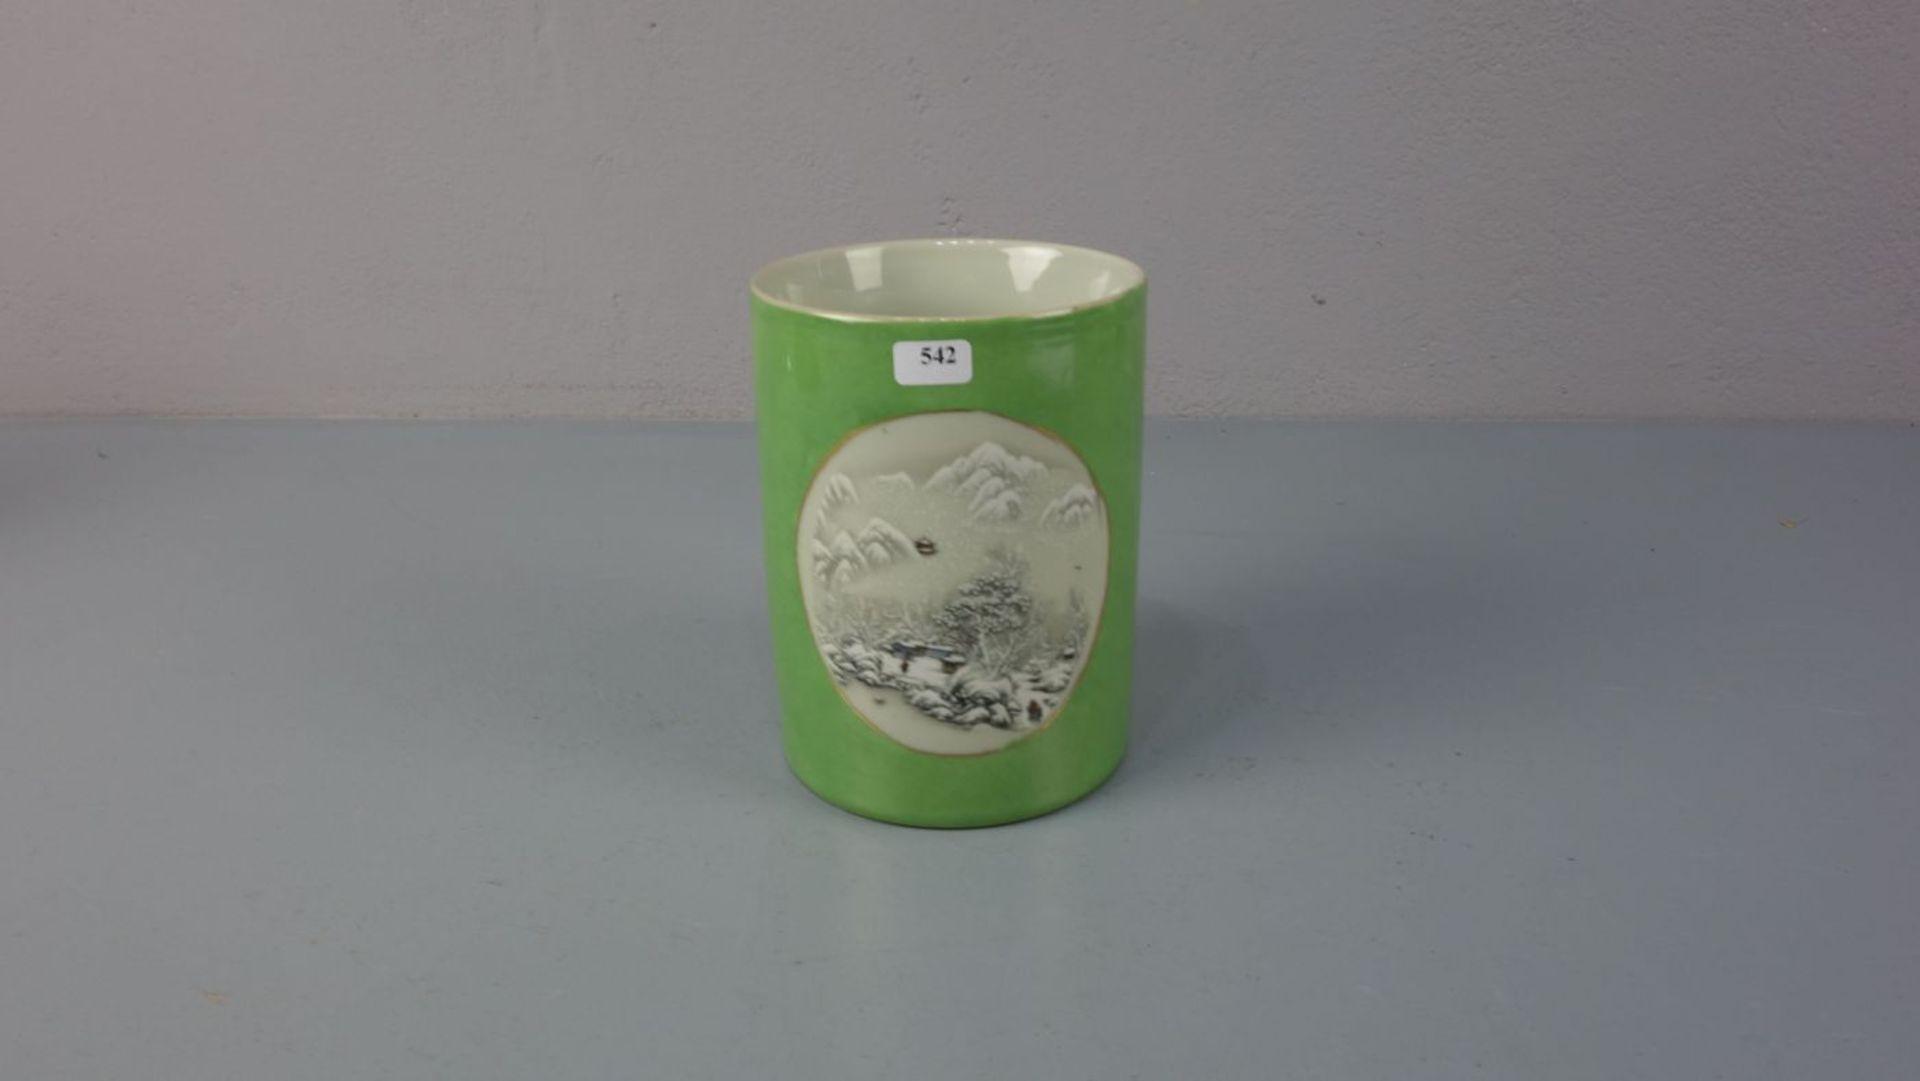 Los 542 - VASE / PINSELBECHER, Porzellan, unter dem Stand gemarkt mit Schriftkartuschen. Zylindrische Form,...